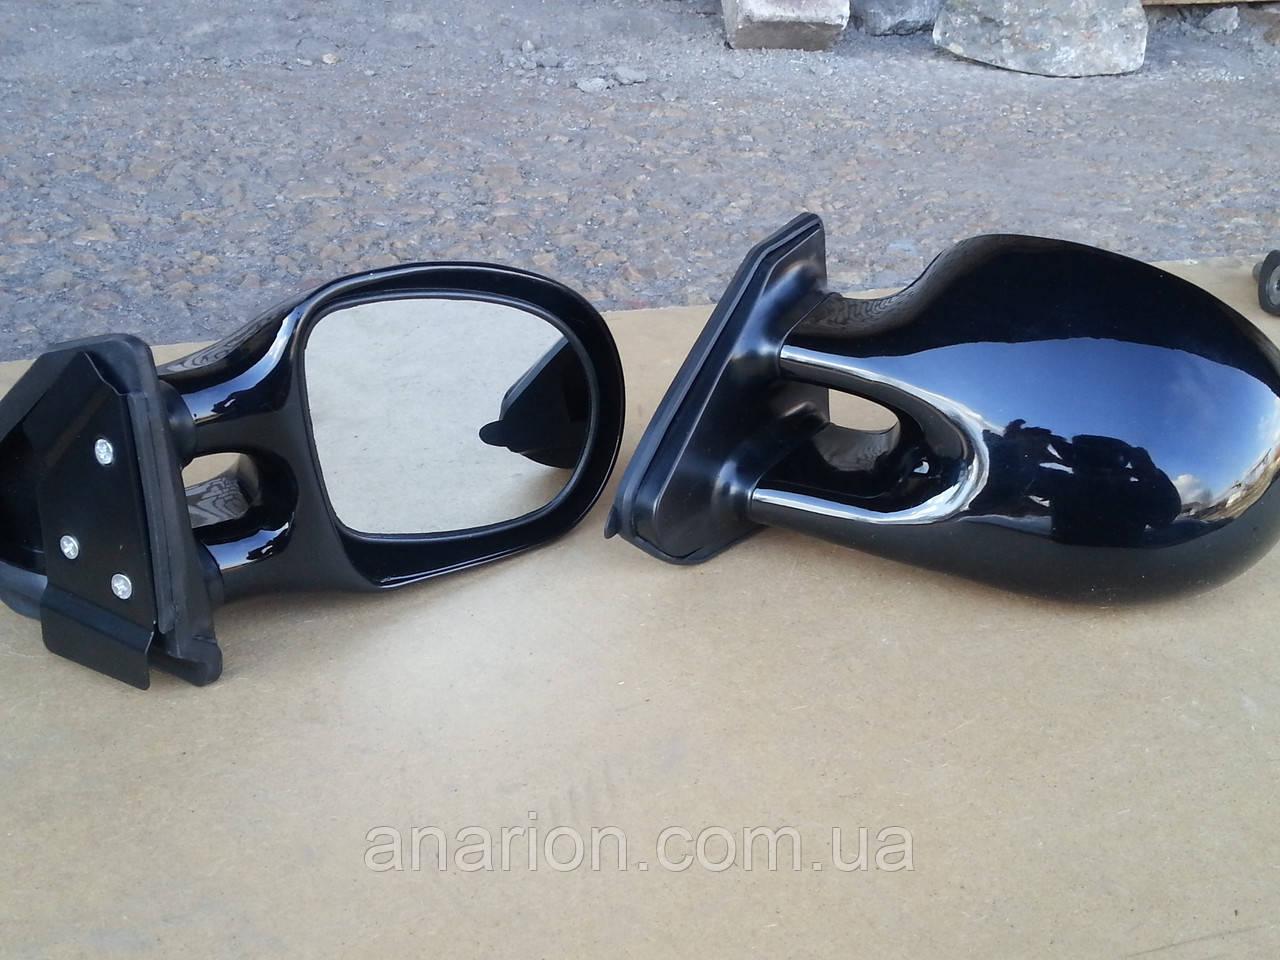 Зеркало боковое на ВАЗ 2101 или ВАЗ 2106 №3252